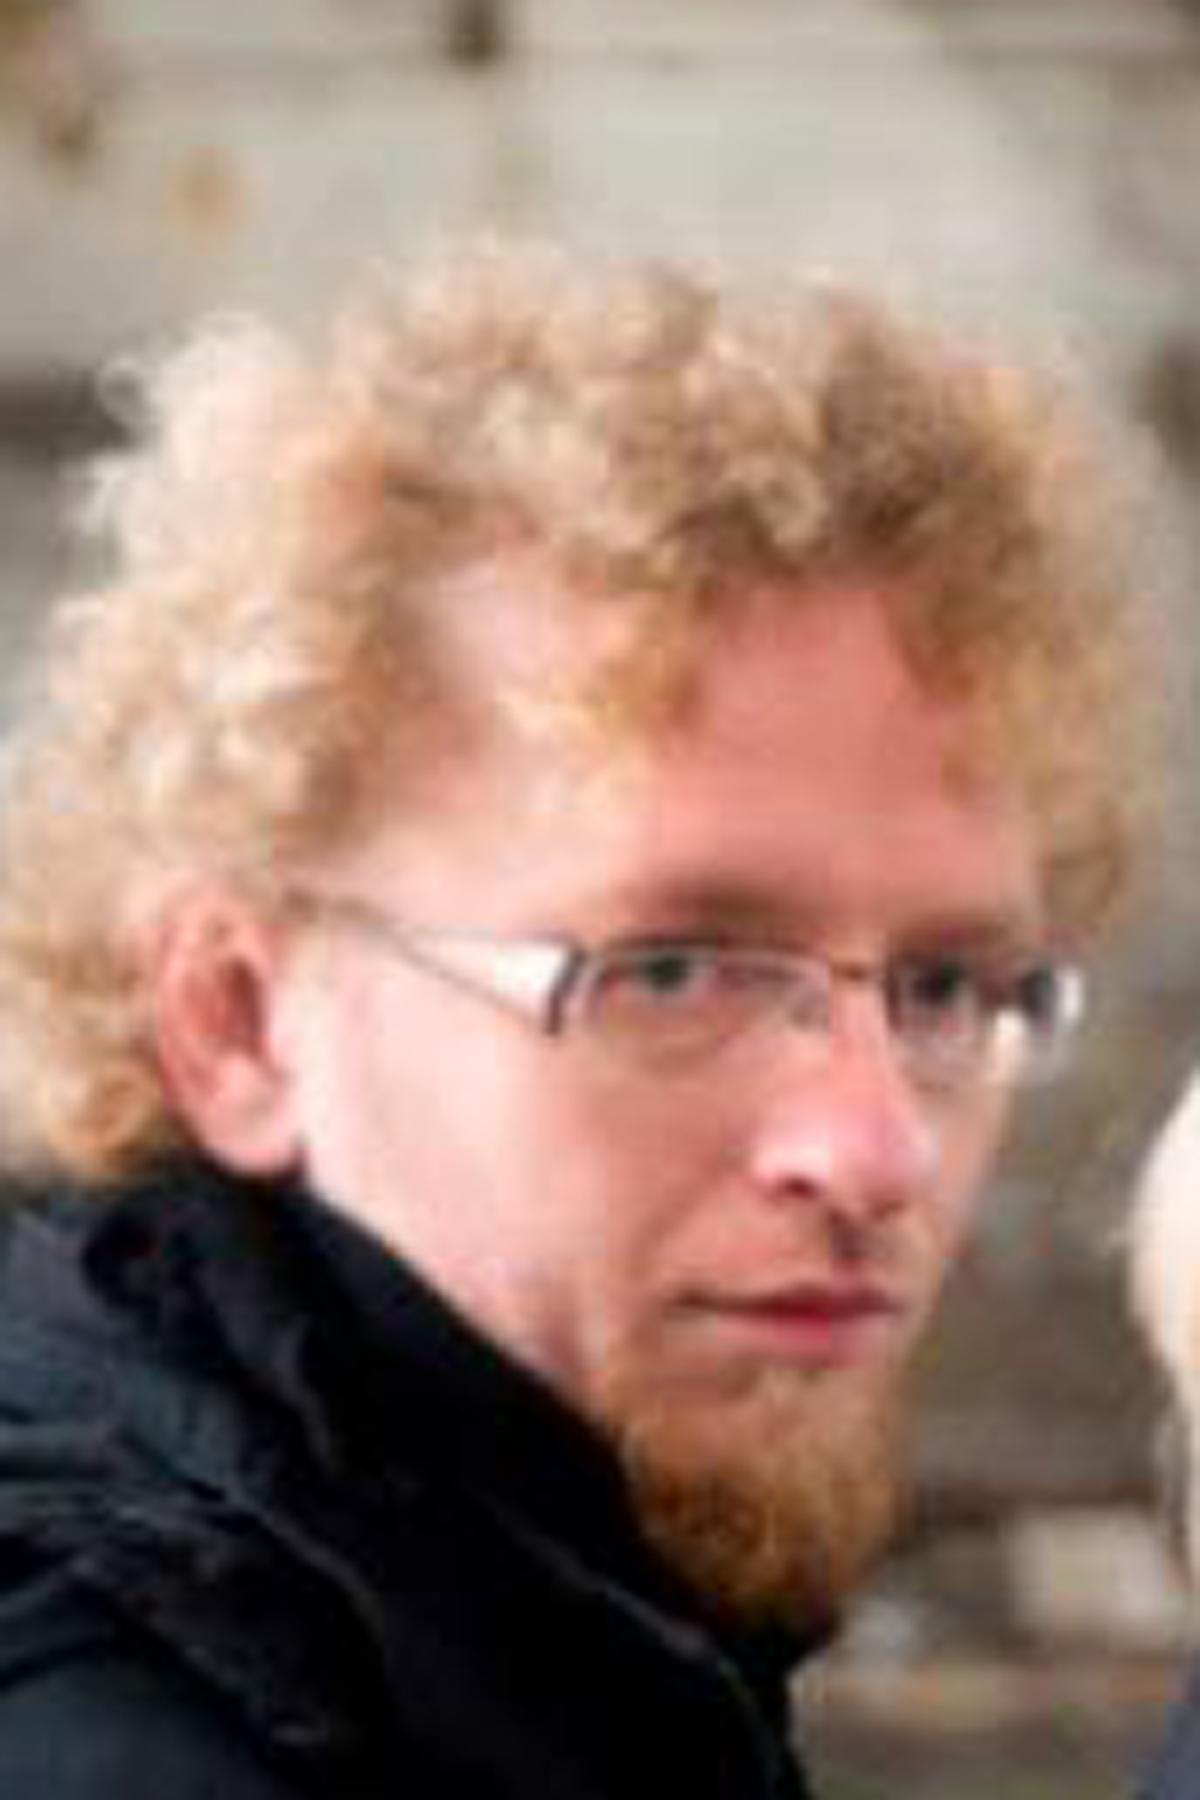 Krzysztof Pawlowski